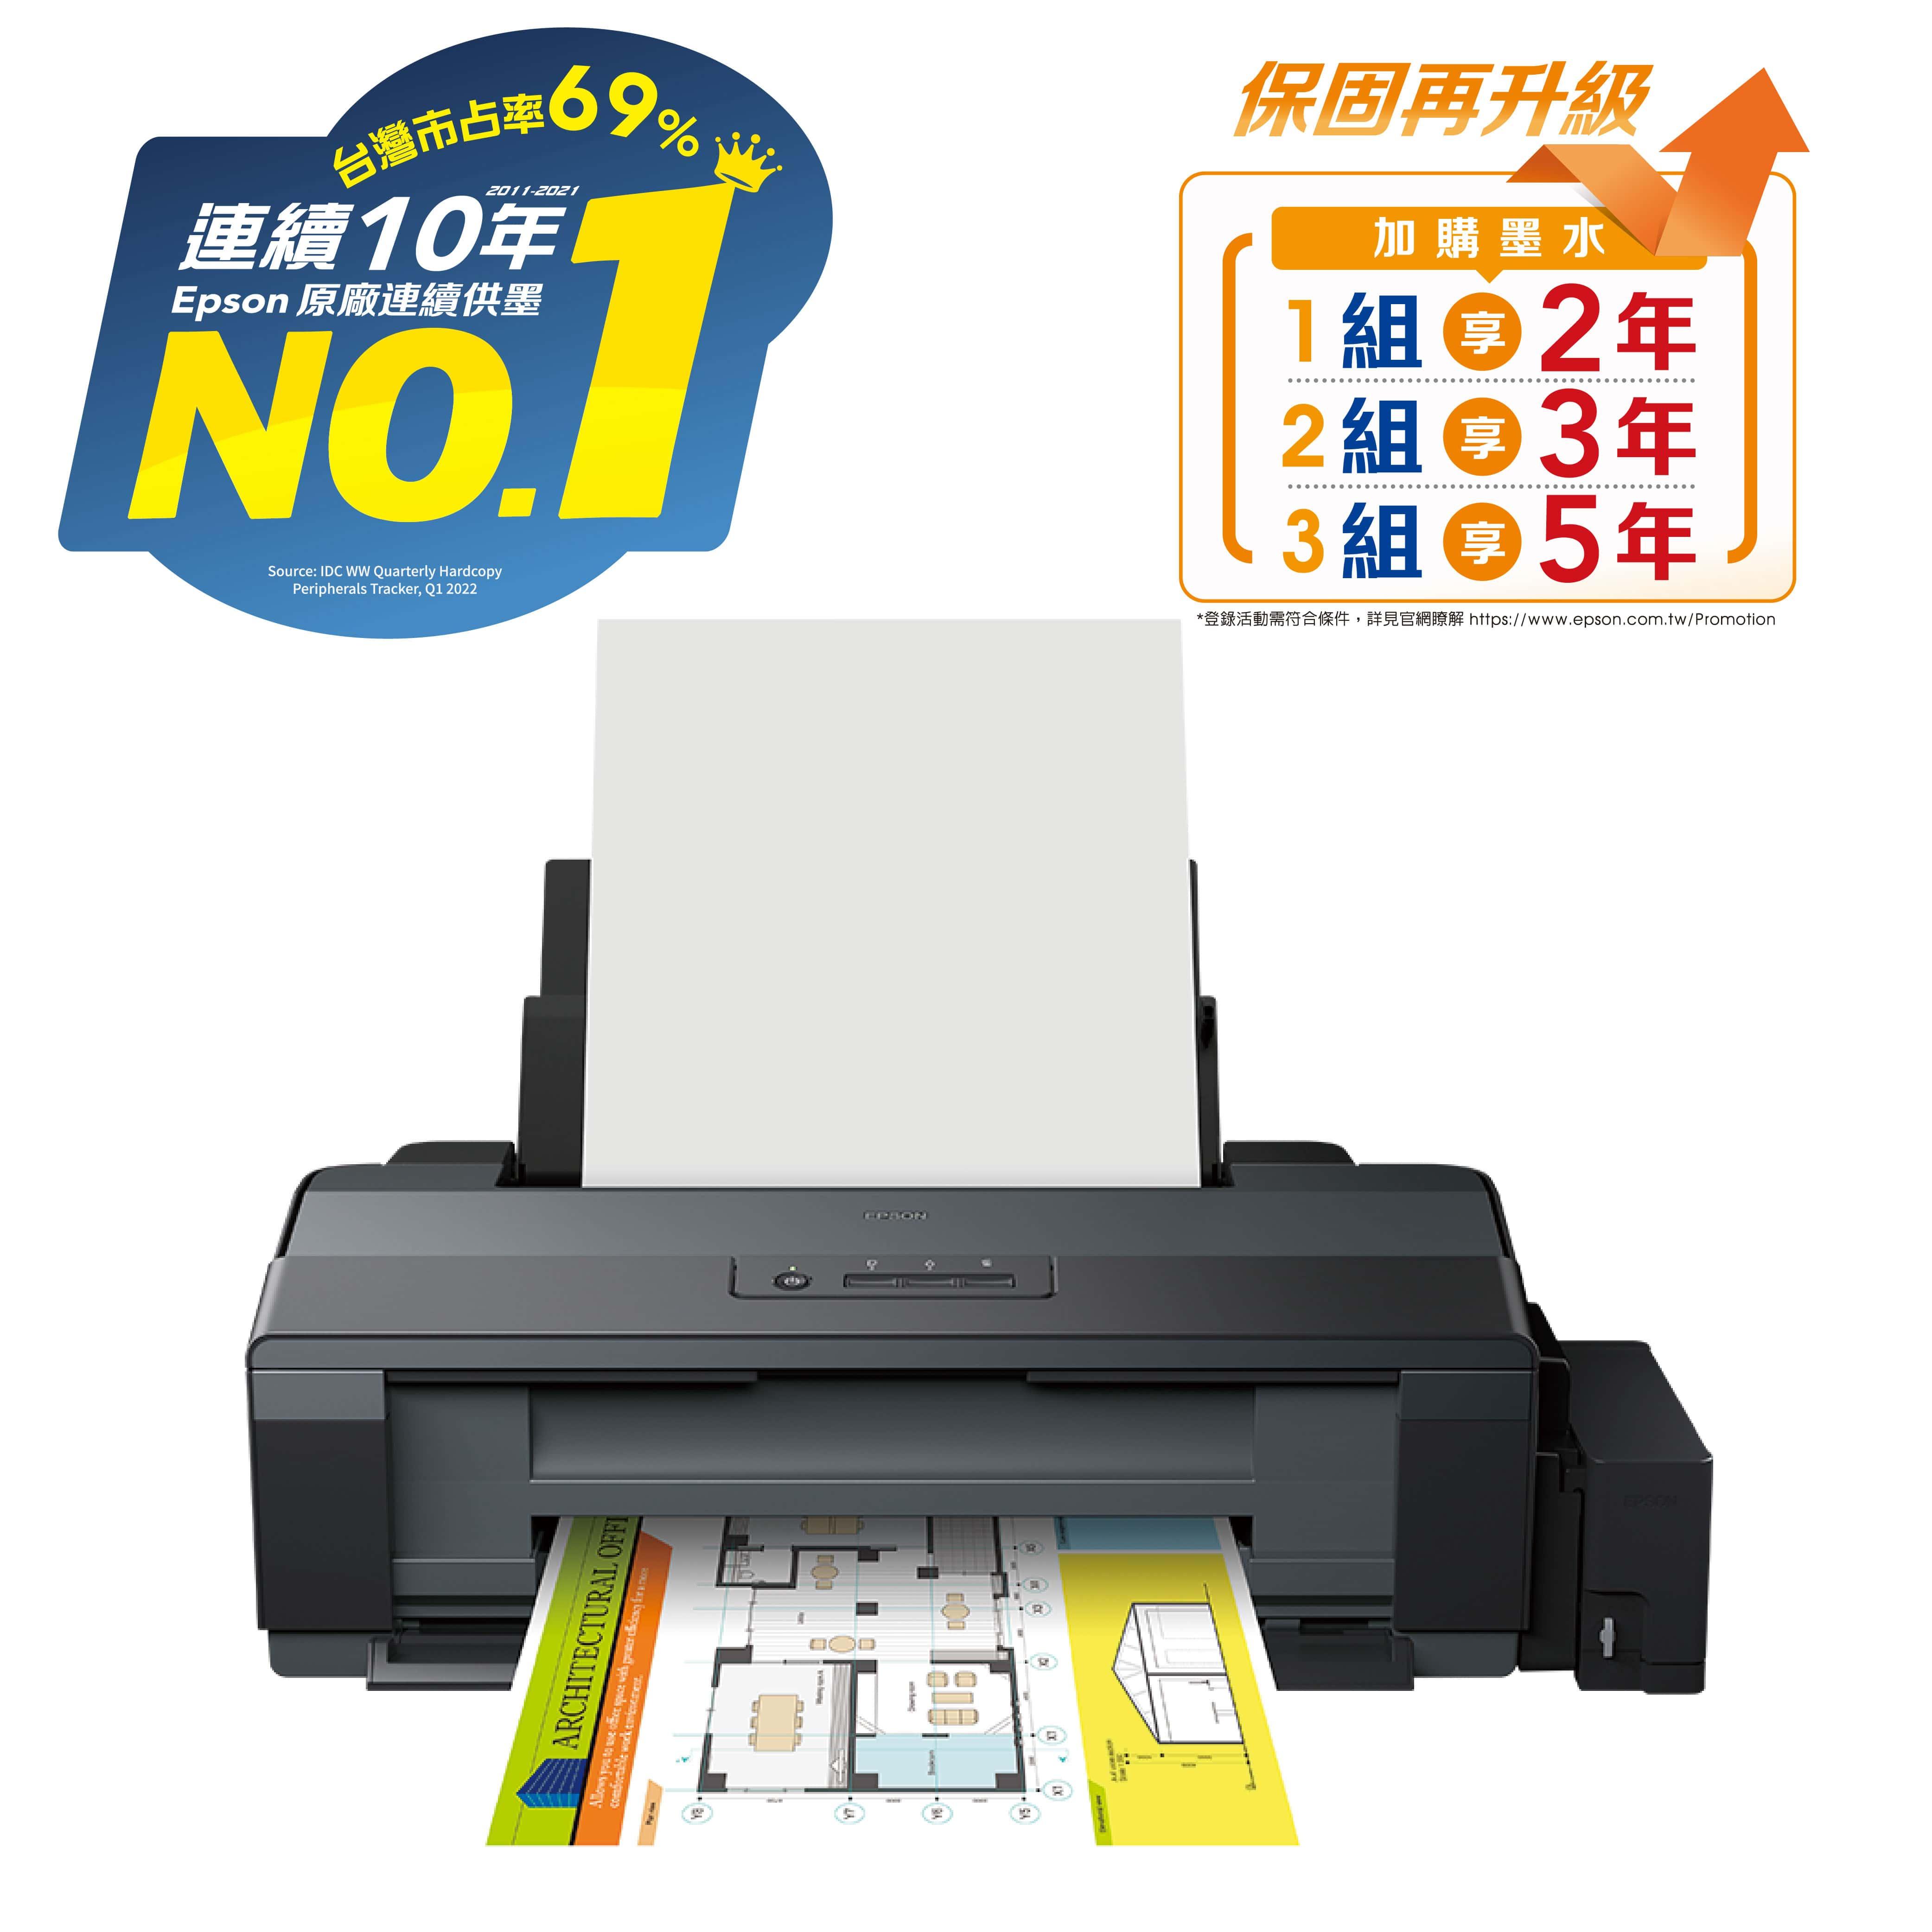 愛普生EPSON L1300 A3+連續供墨印表機